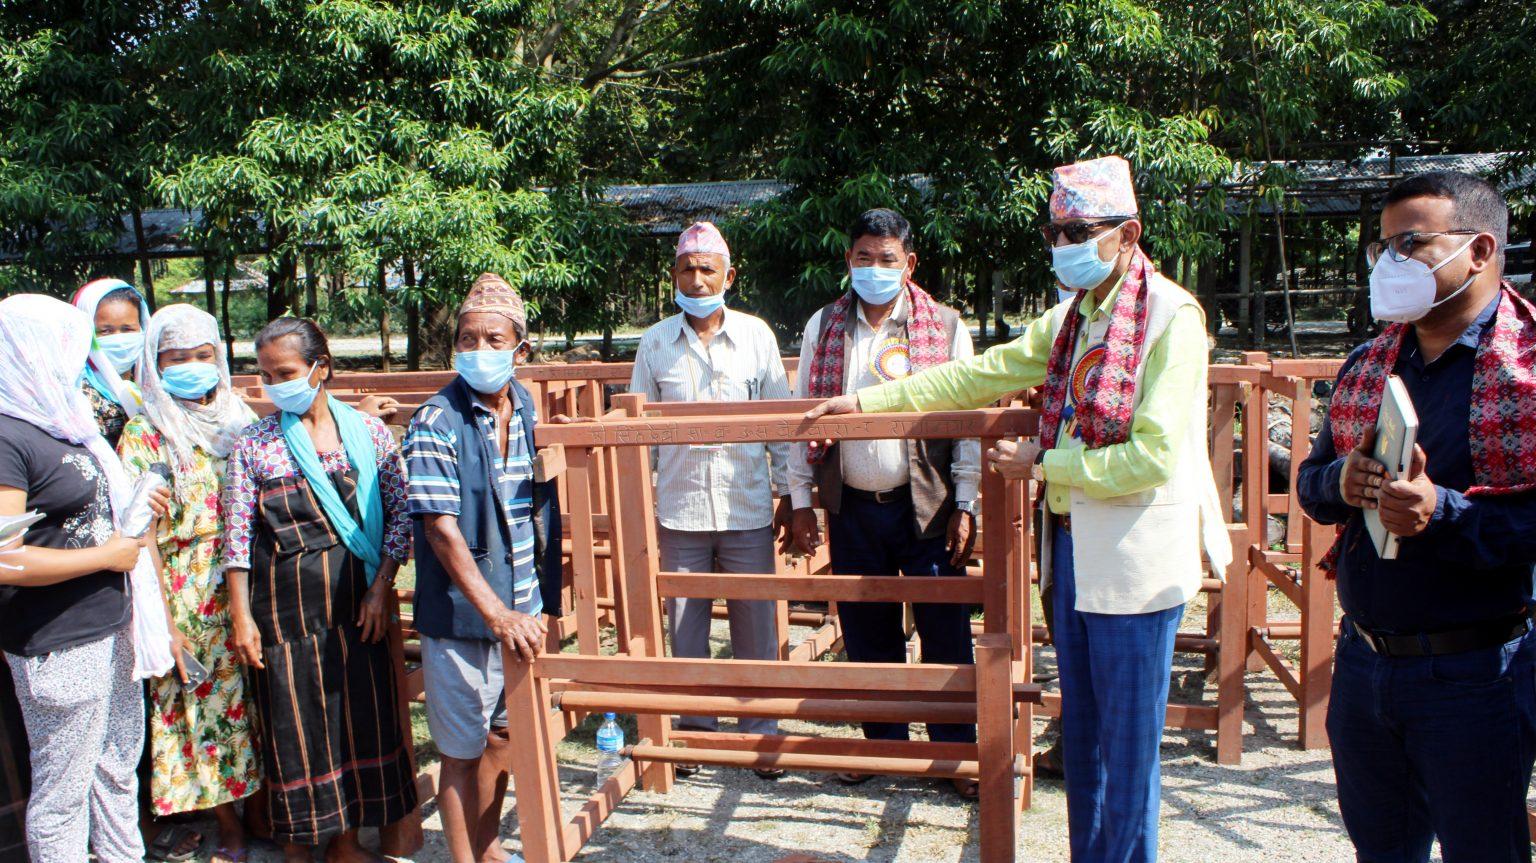 सिंहदेवी सामुदायीक वनद्वारा बेलबारीका महिलालाई कपडा बुन्ने तान बितरण